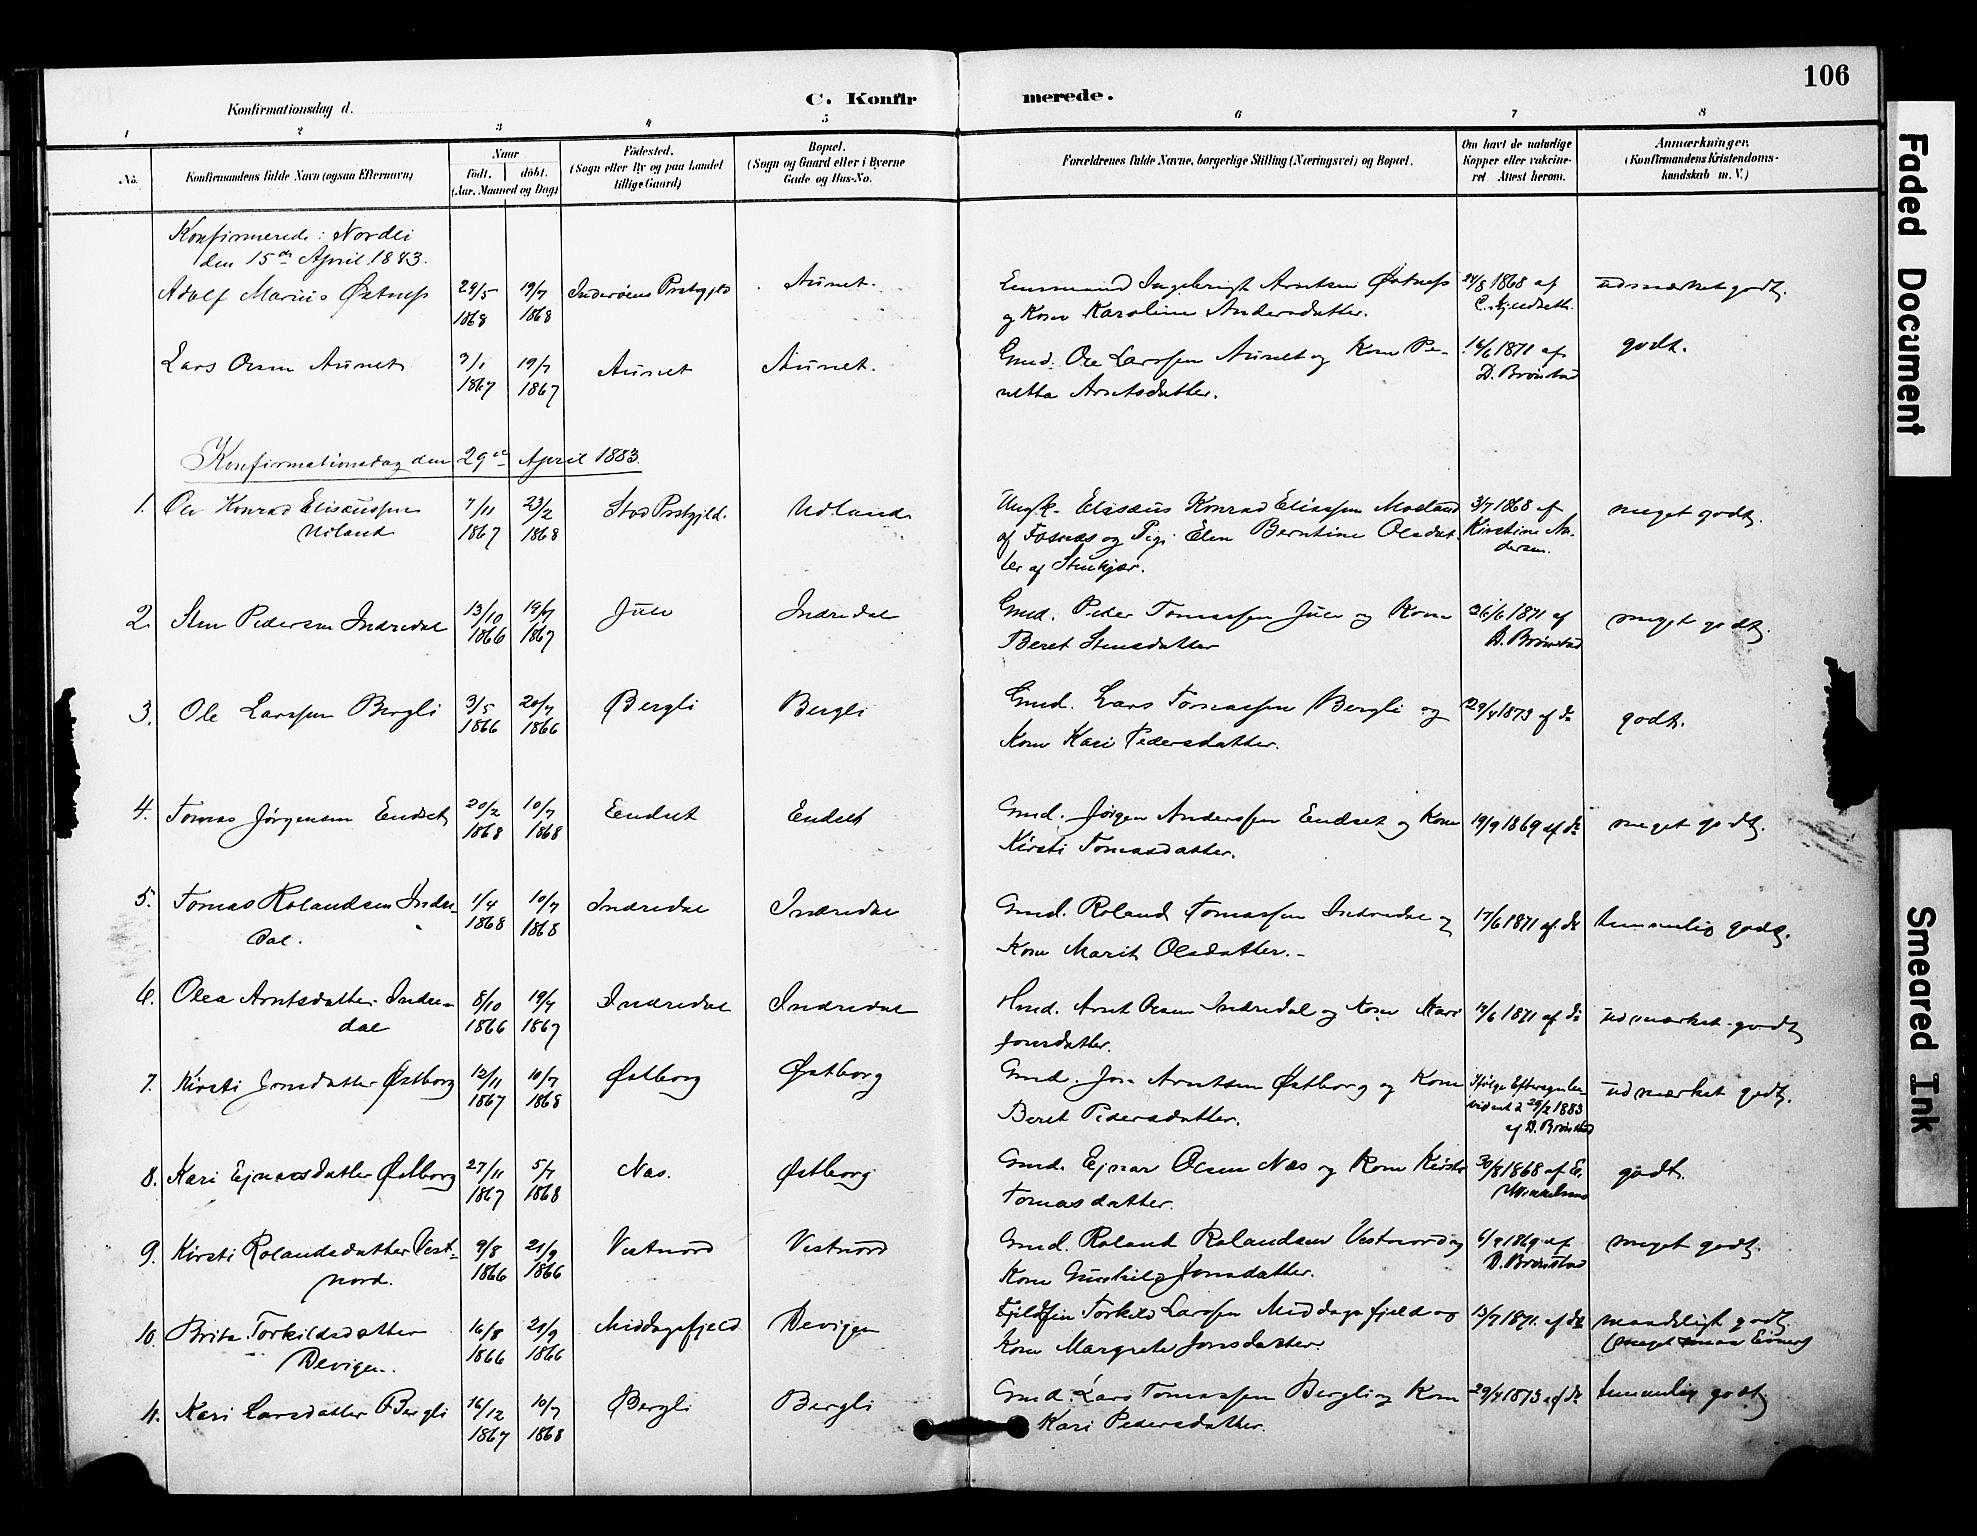 SAT, Ministerialprotokoller, klokkerbøker og fødselsregistre - Nord-Trøndelag, 757/L0505: Ministerialbok nr. 757A01, 1882-1904, s. 106